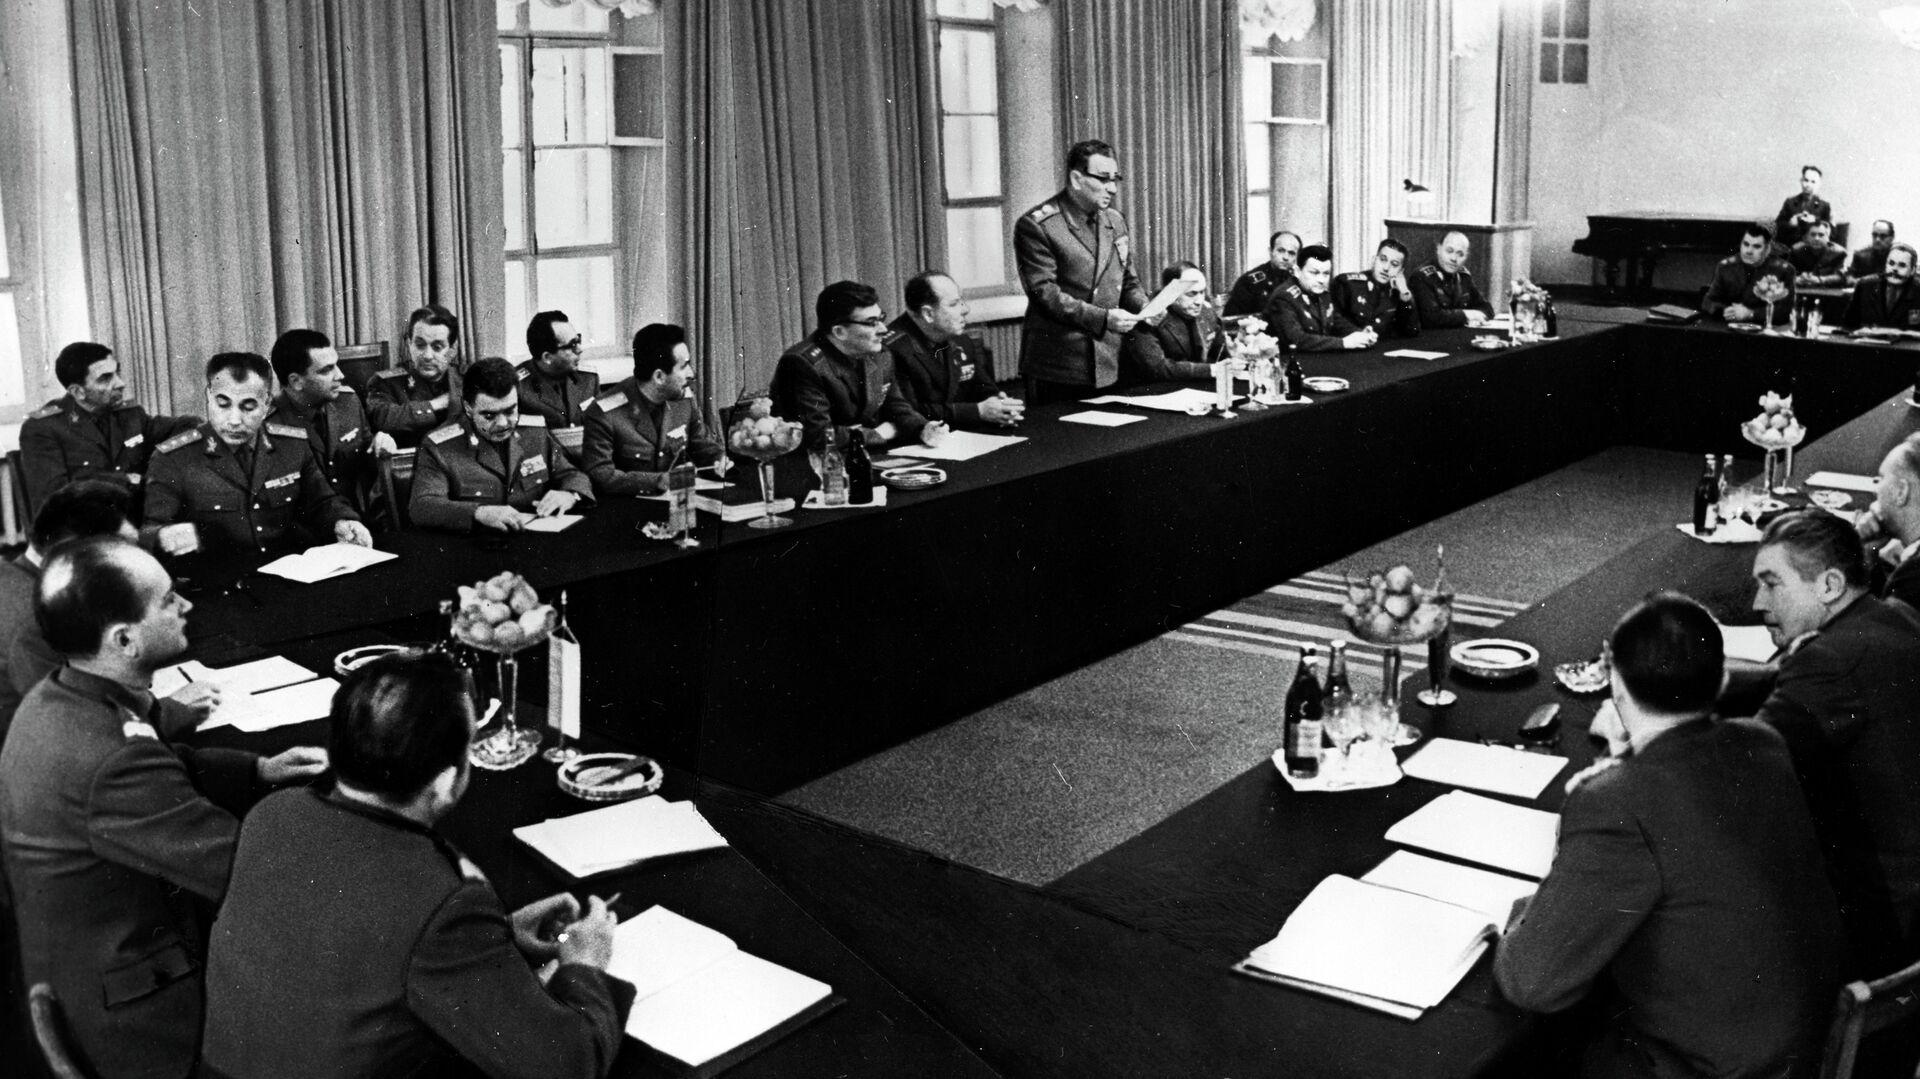 Совещание министров обороны государств-участников Варшавского Договора. 1968 год  - РИА Новости, 1920, 31.03.2021